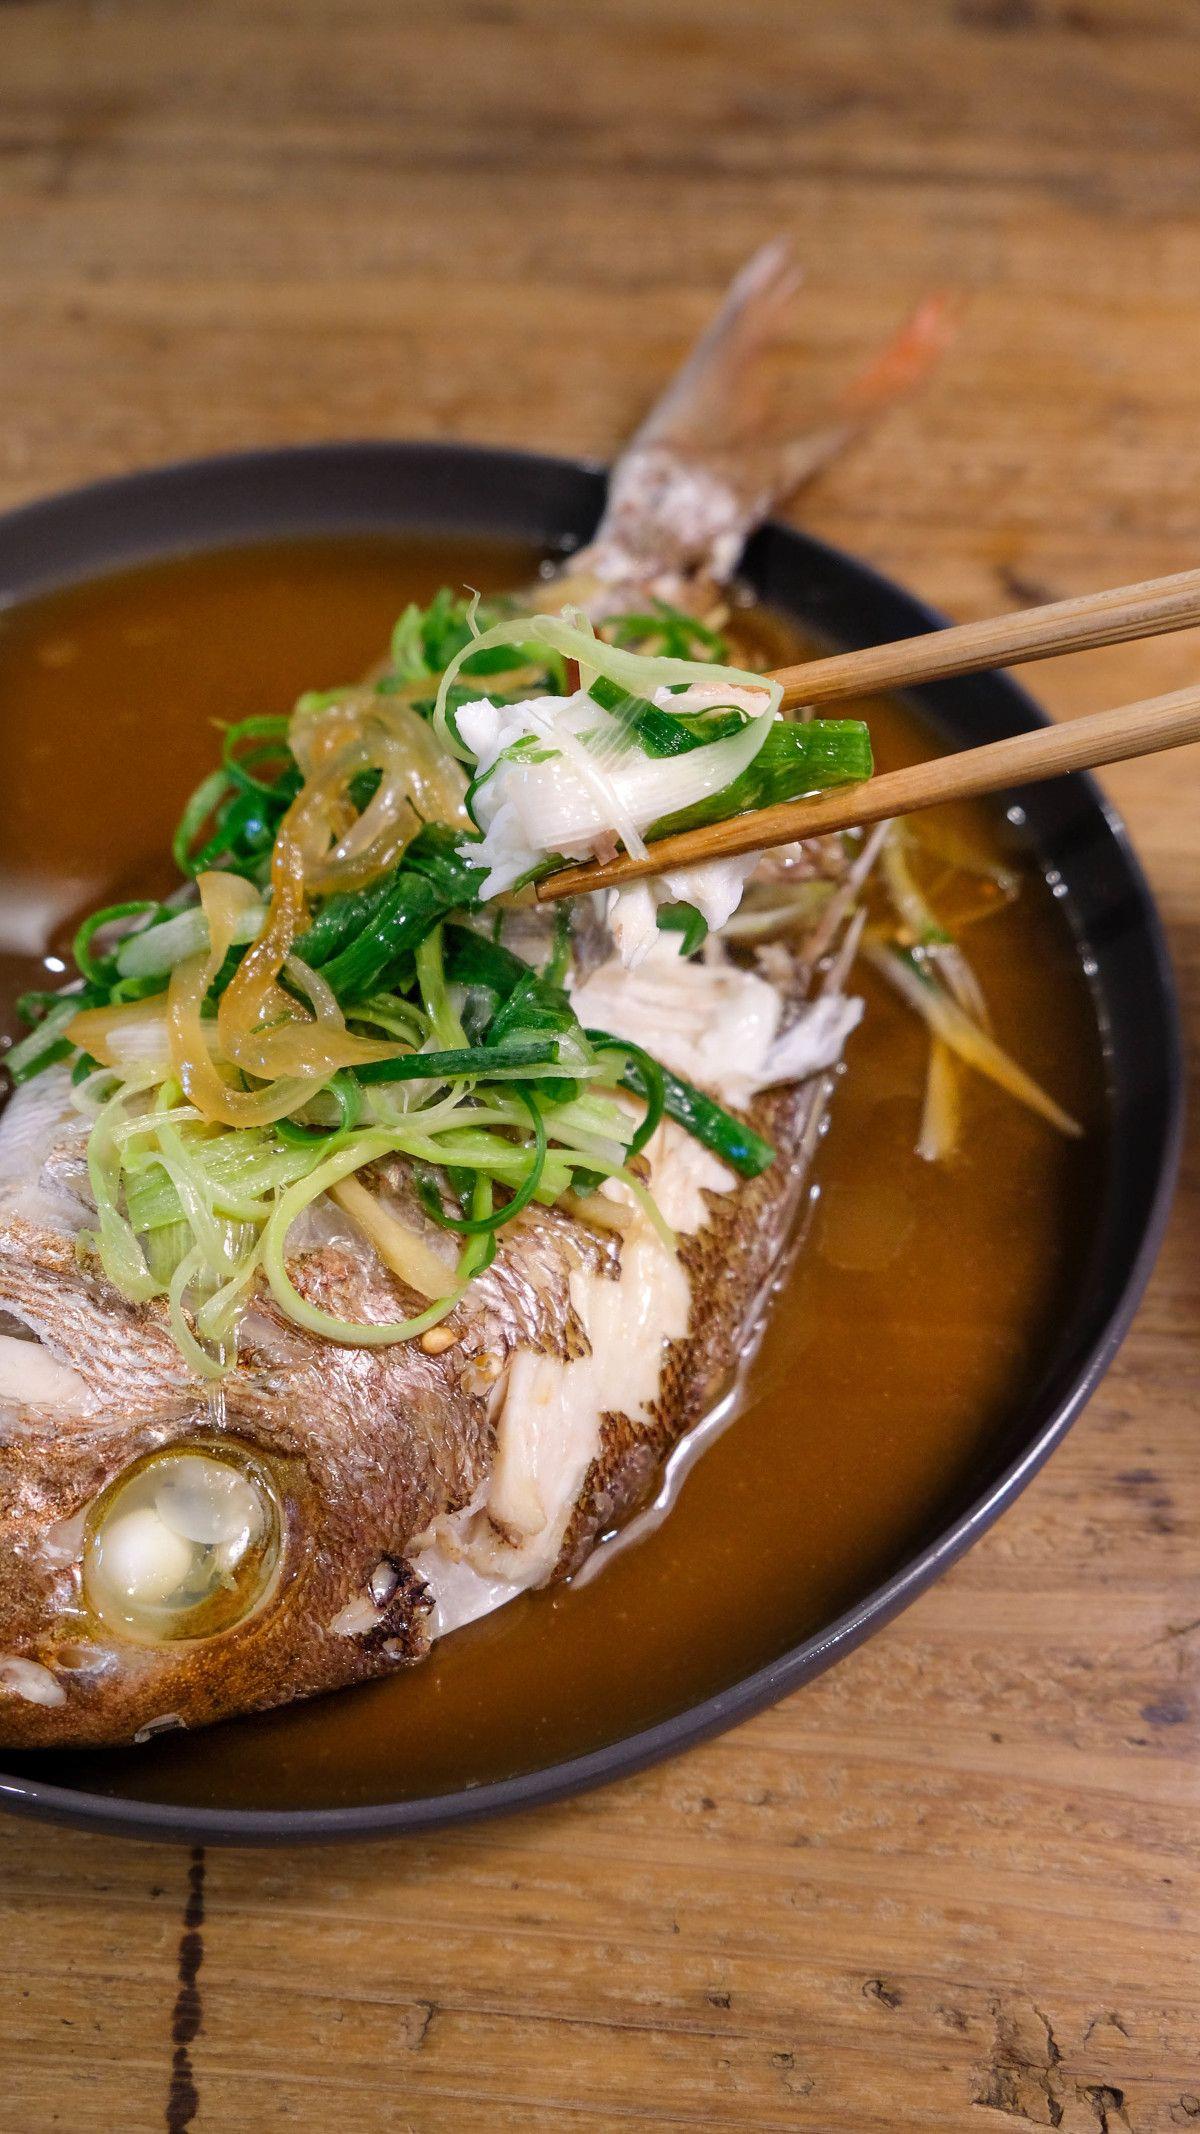 簡単中華風蒸し魚 清蒸魚 レシピ レシピ 料理 レシピ 料理